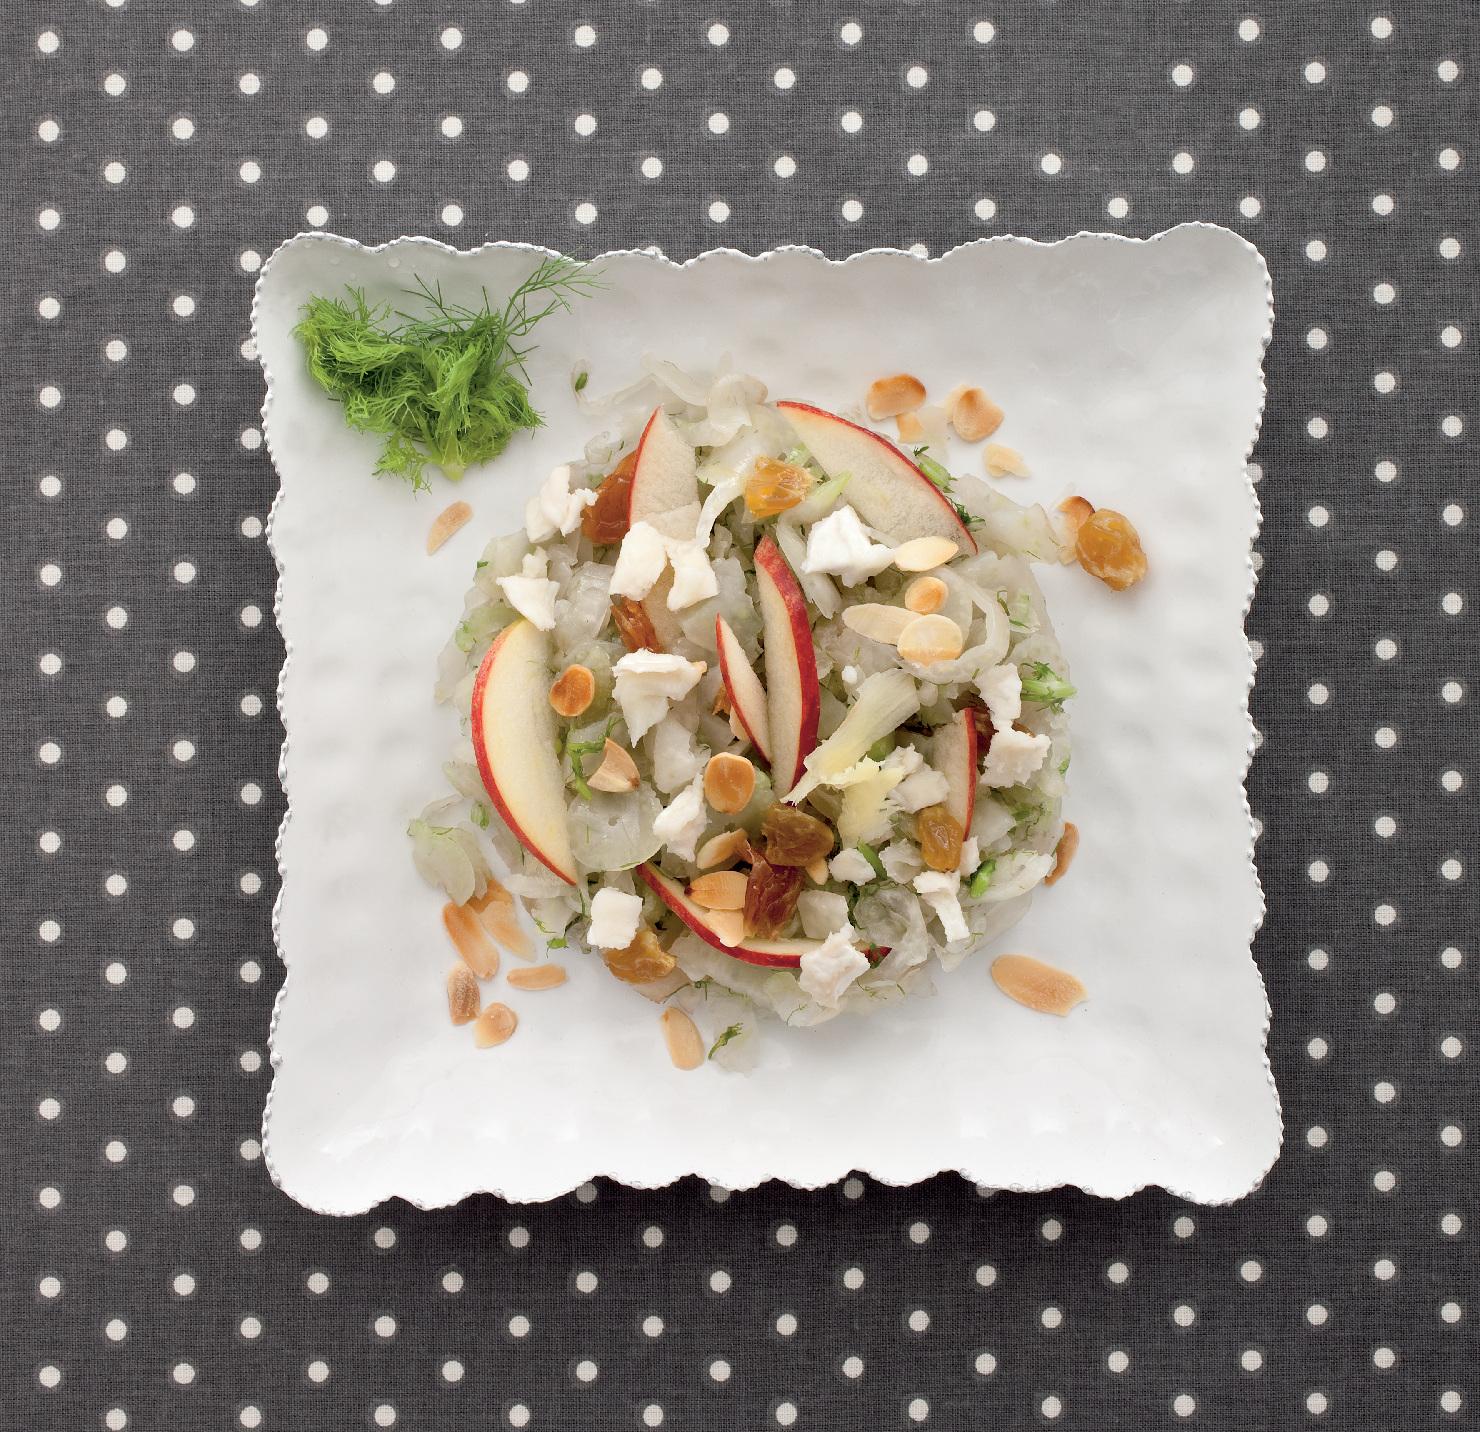 Crauti di finocchi allo zenzero con insalatina di mela e caprino